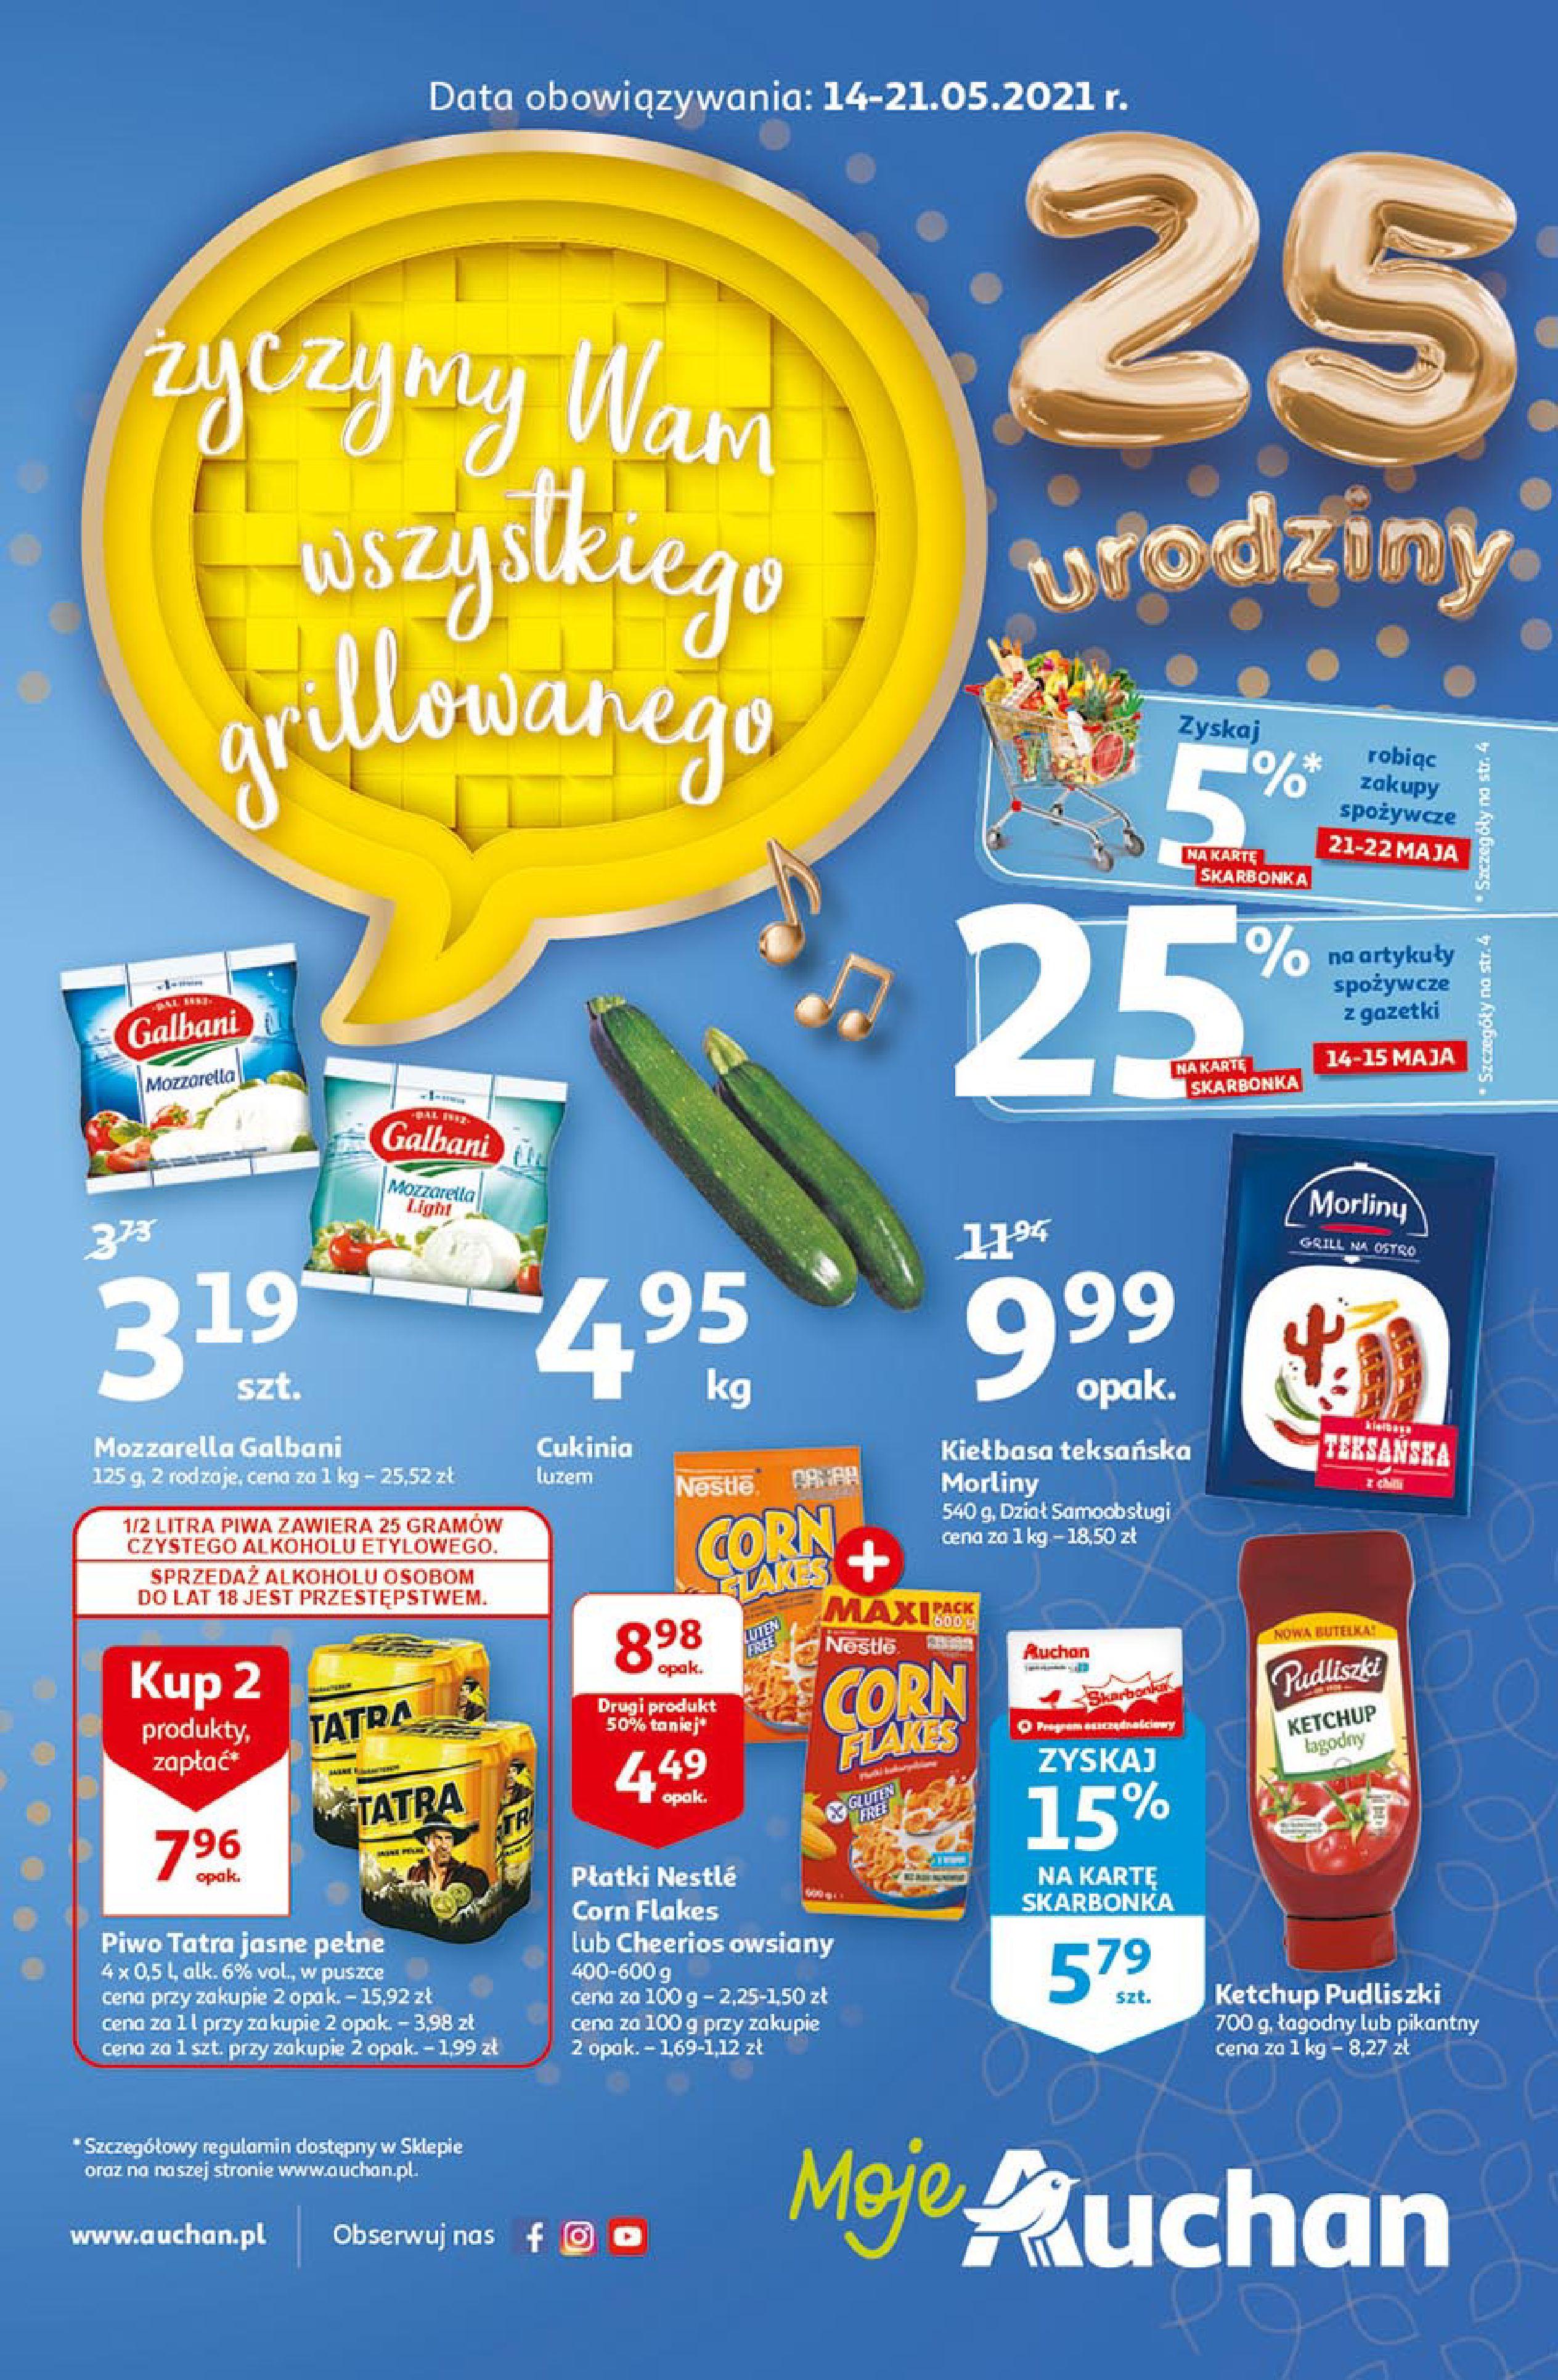 Auchan:  Gazetka Auchan - 14-21.05 13.05.2021